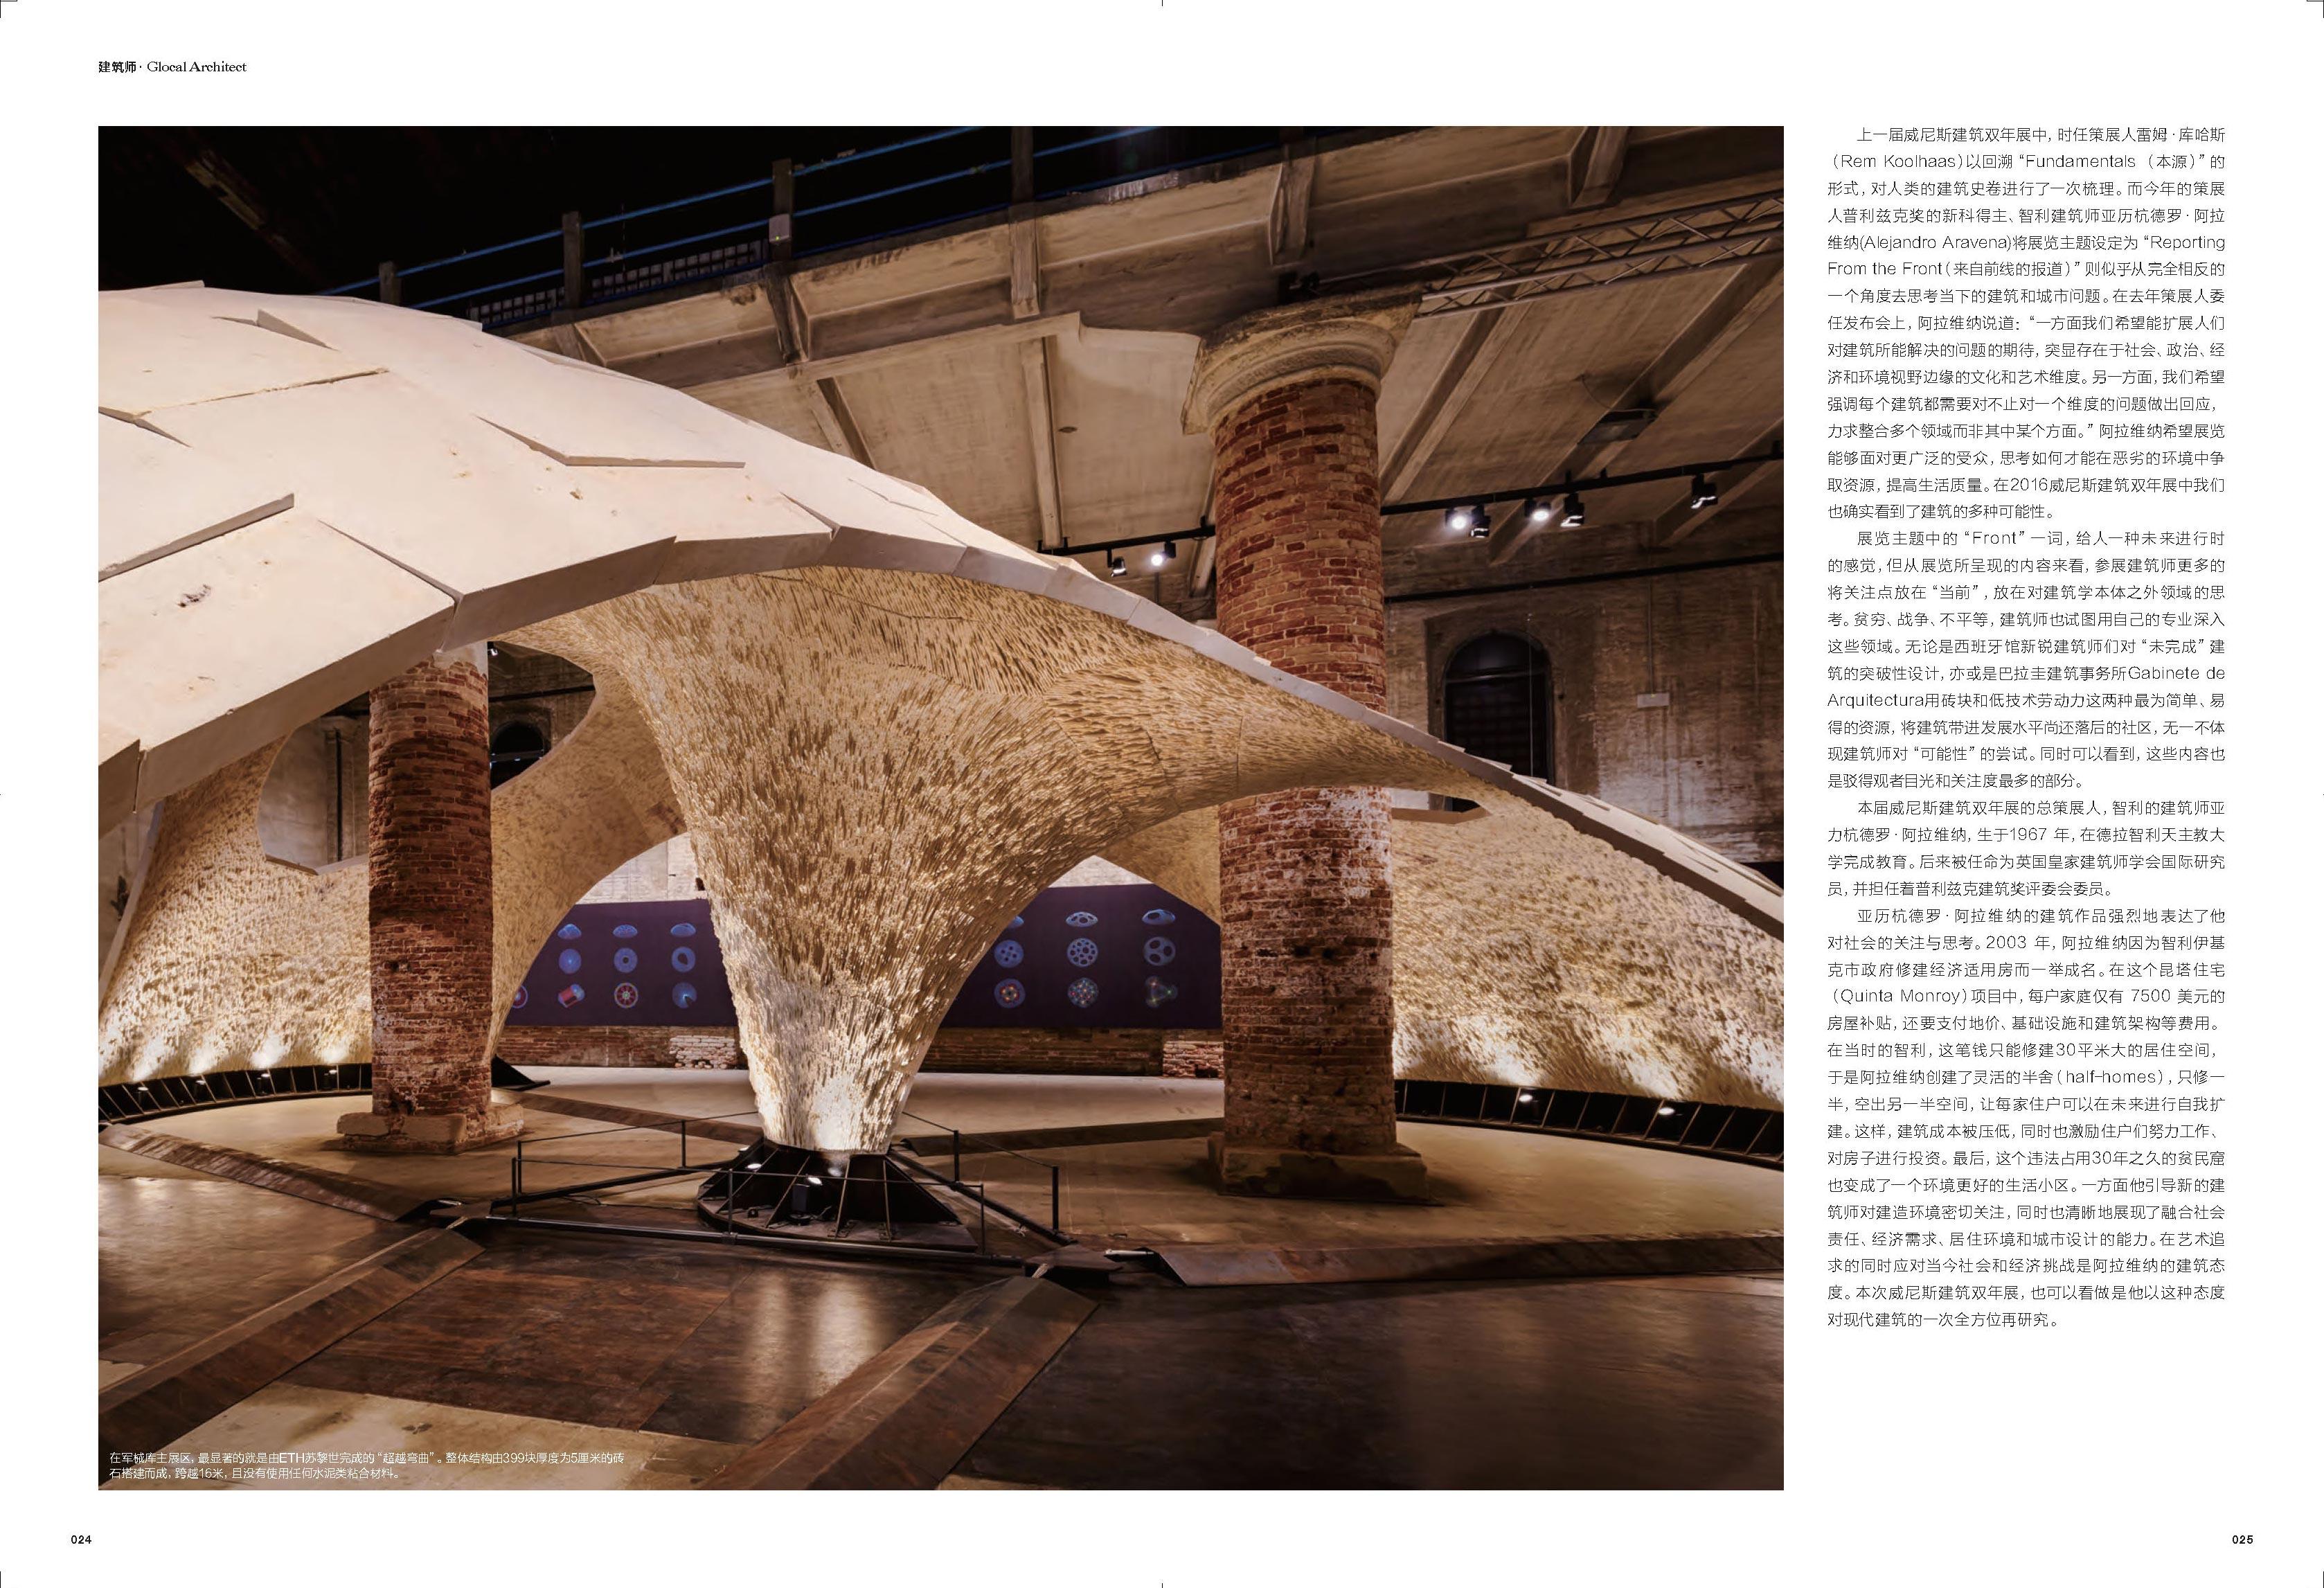 76期 威尼斯双年展 Page 3